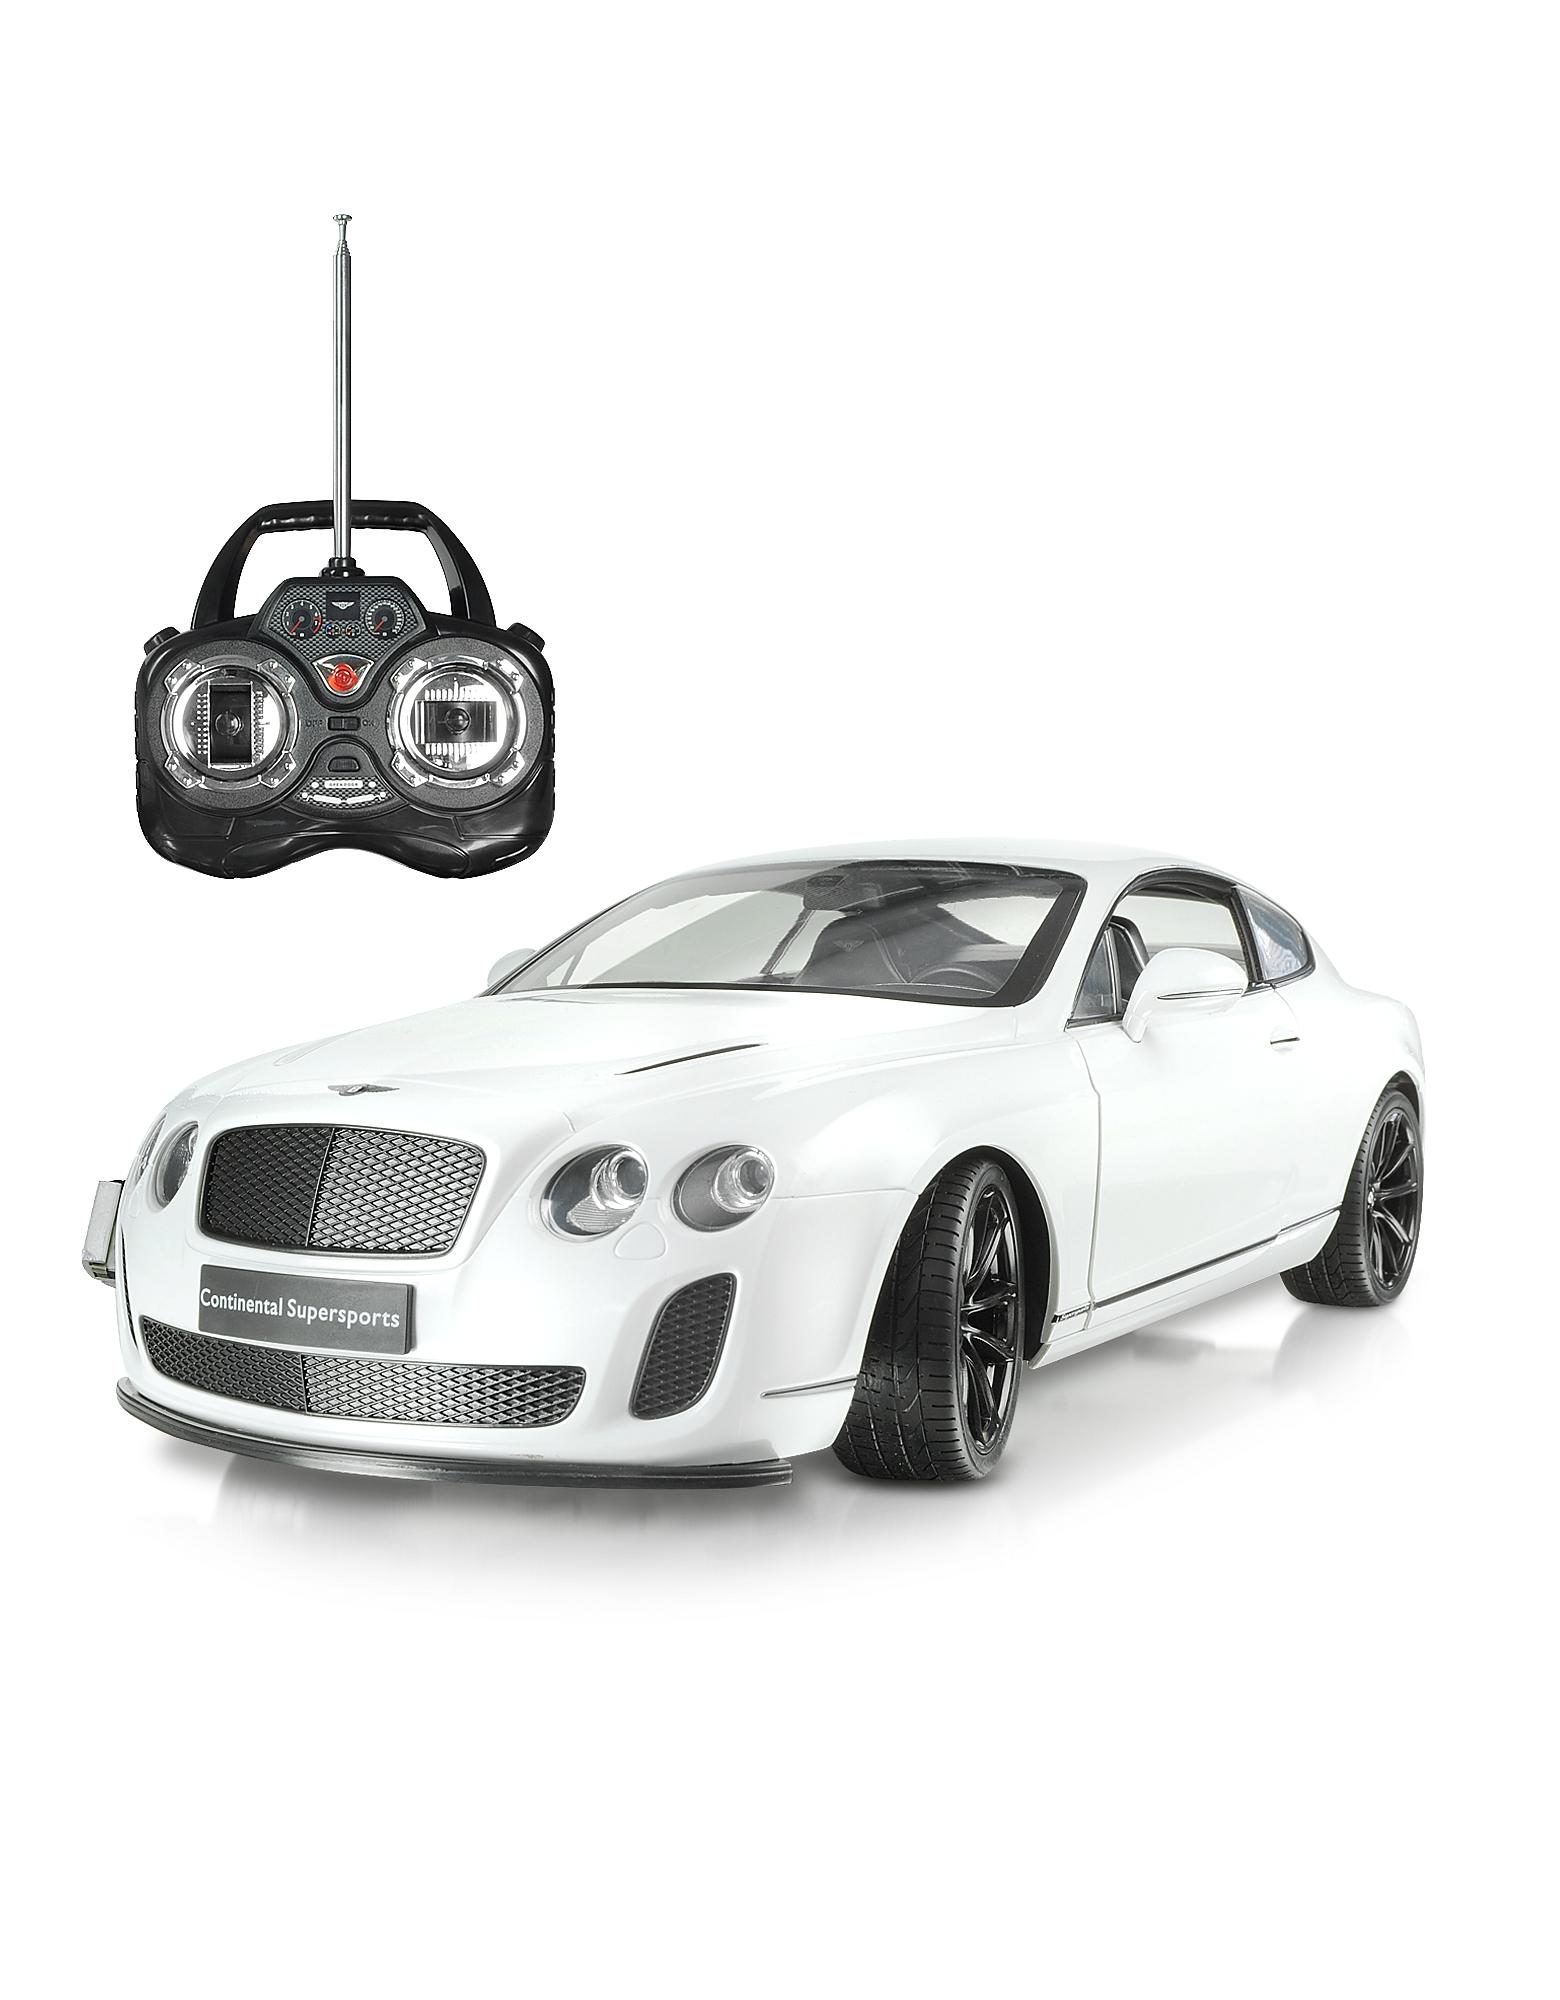 New Bentley Continental GT - Автомобиль Дистанционного Управления